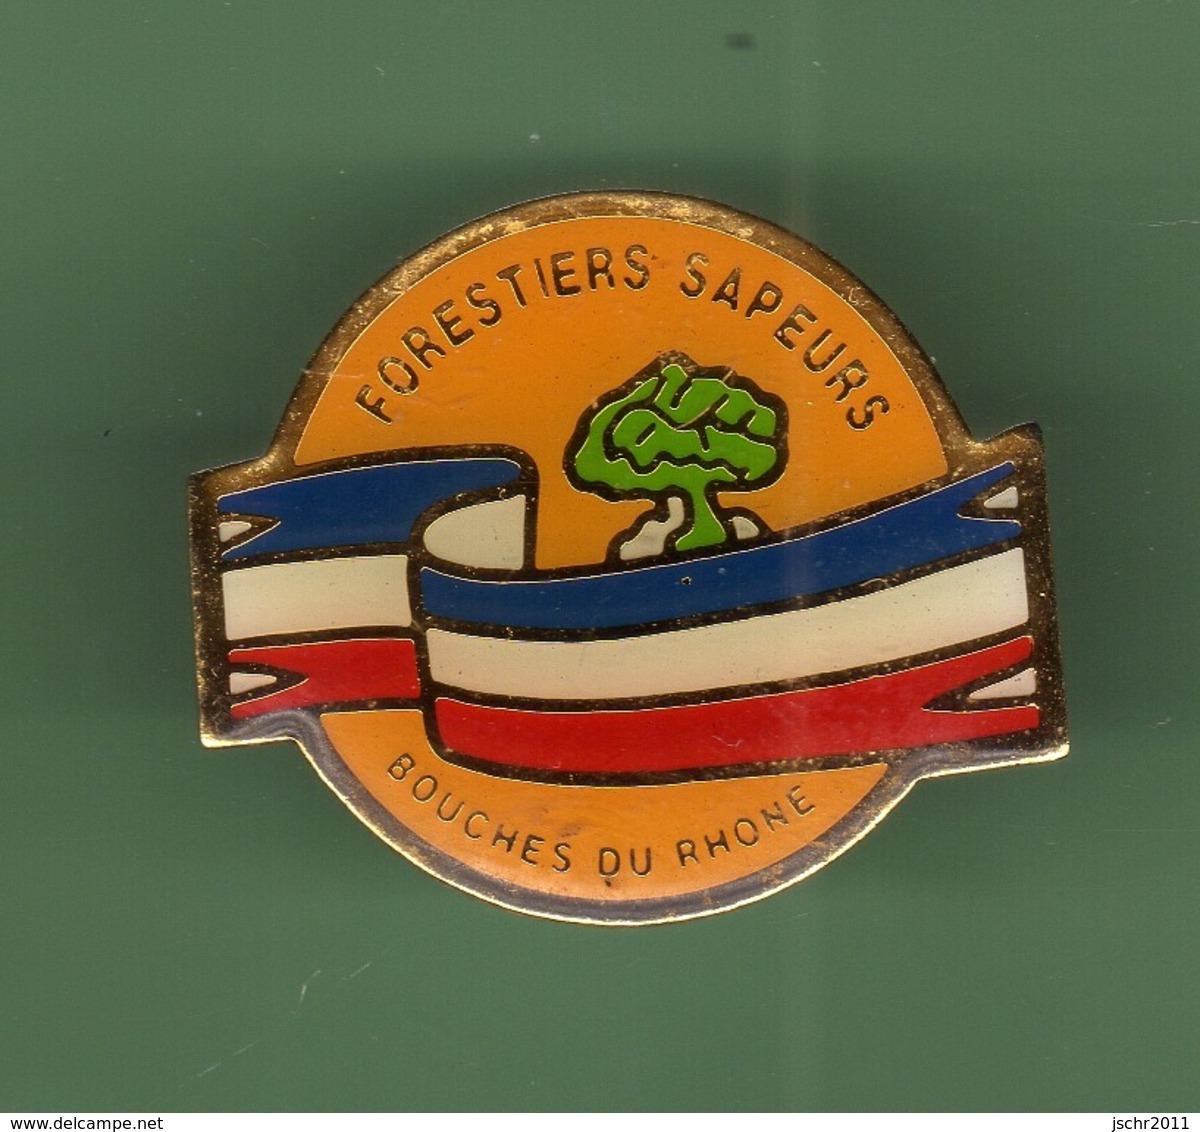 SAPEURS POMPIERS *** FERRESTIERS SAPEURS BDR ***  2010 (122) - Bomberos